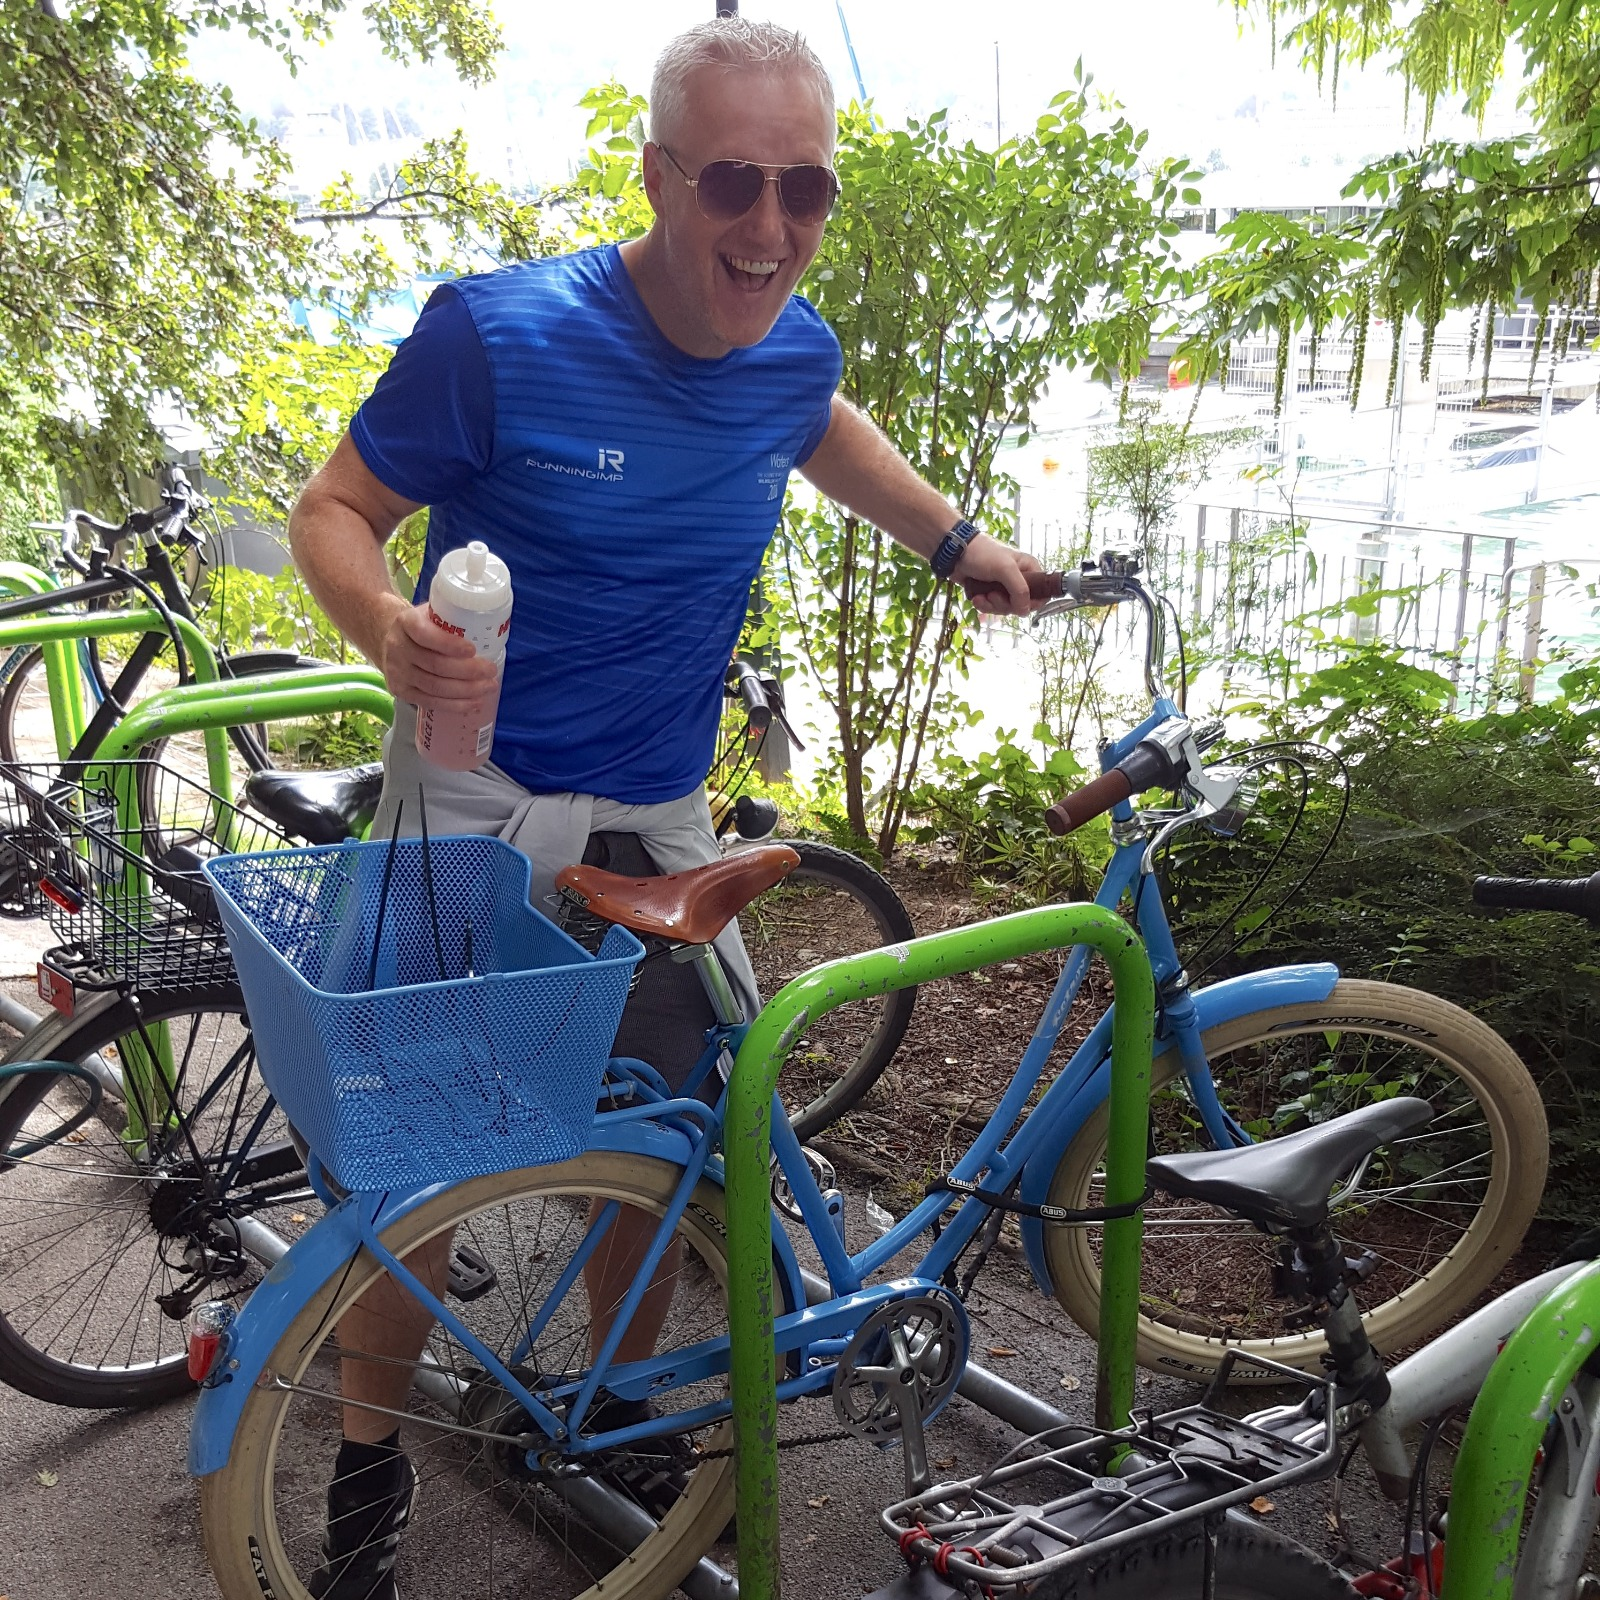 MK Cycles Alan